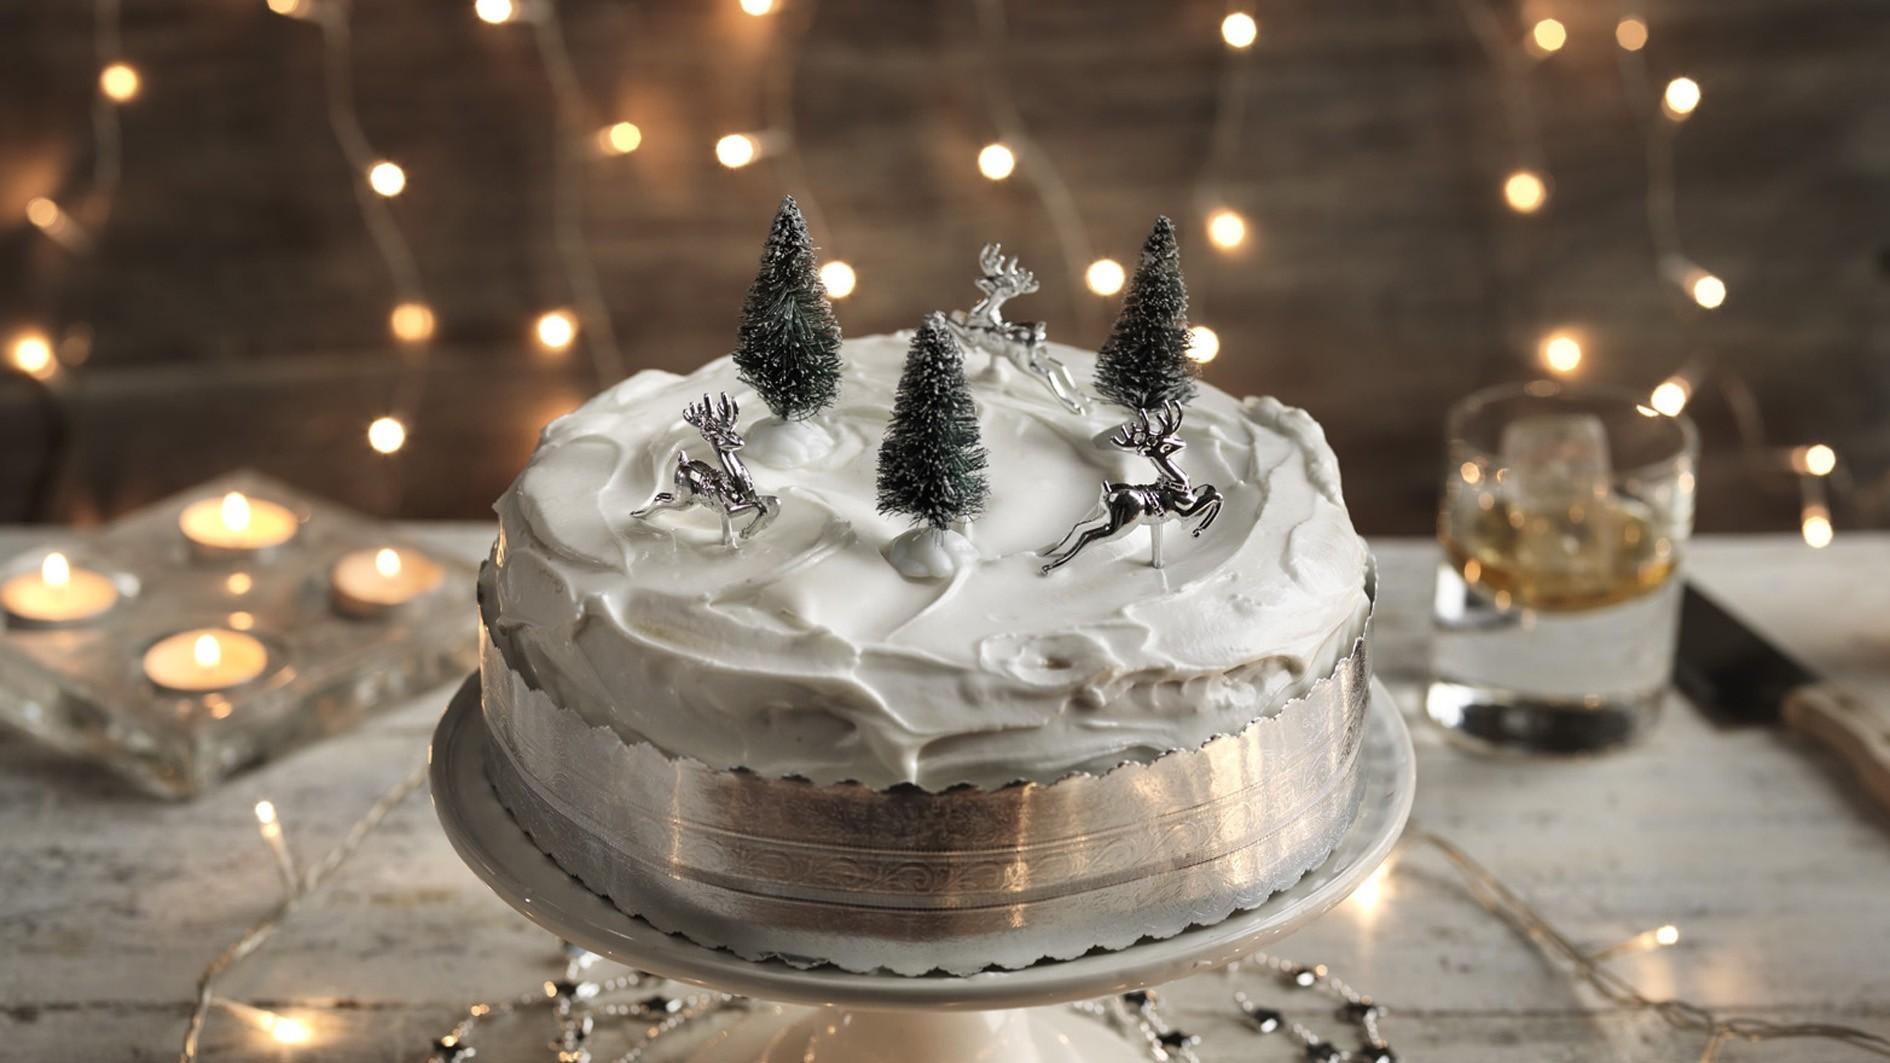 Kuchendeko weihnachten Tortendeko Weihnachten Deko Ideeen